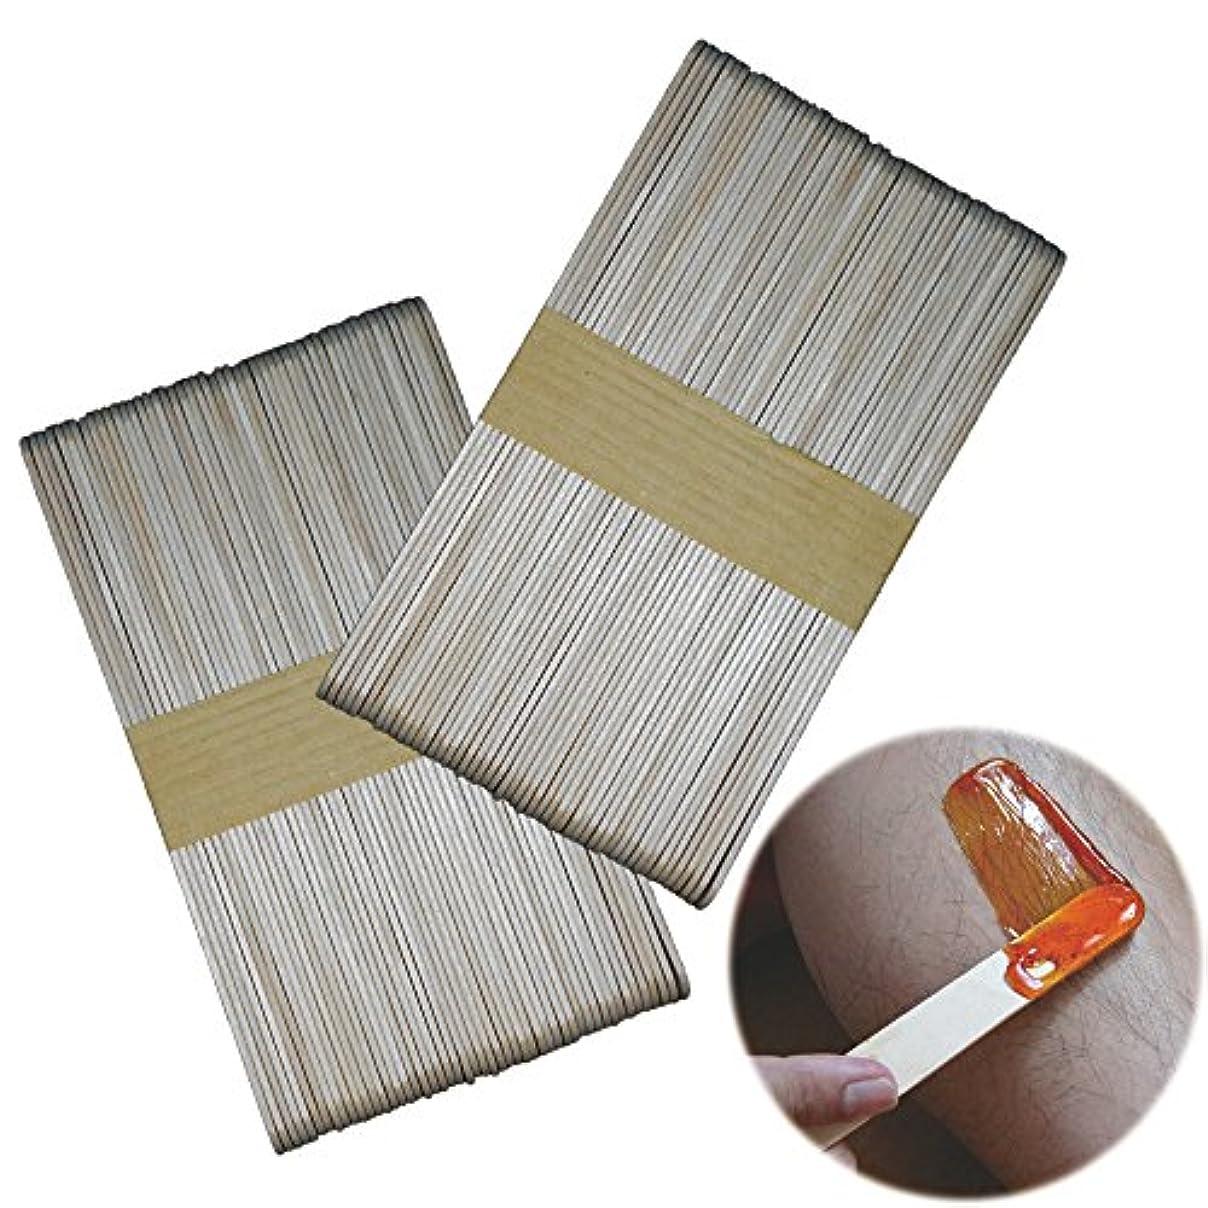 内向き不快電池【白樺材】ウッドスパチュラ 100本 / 木製 スパチュラ 150mm(長さ)x16.5mm(幅)/ ハダカタイプ